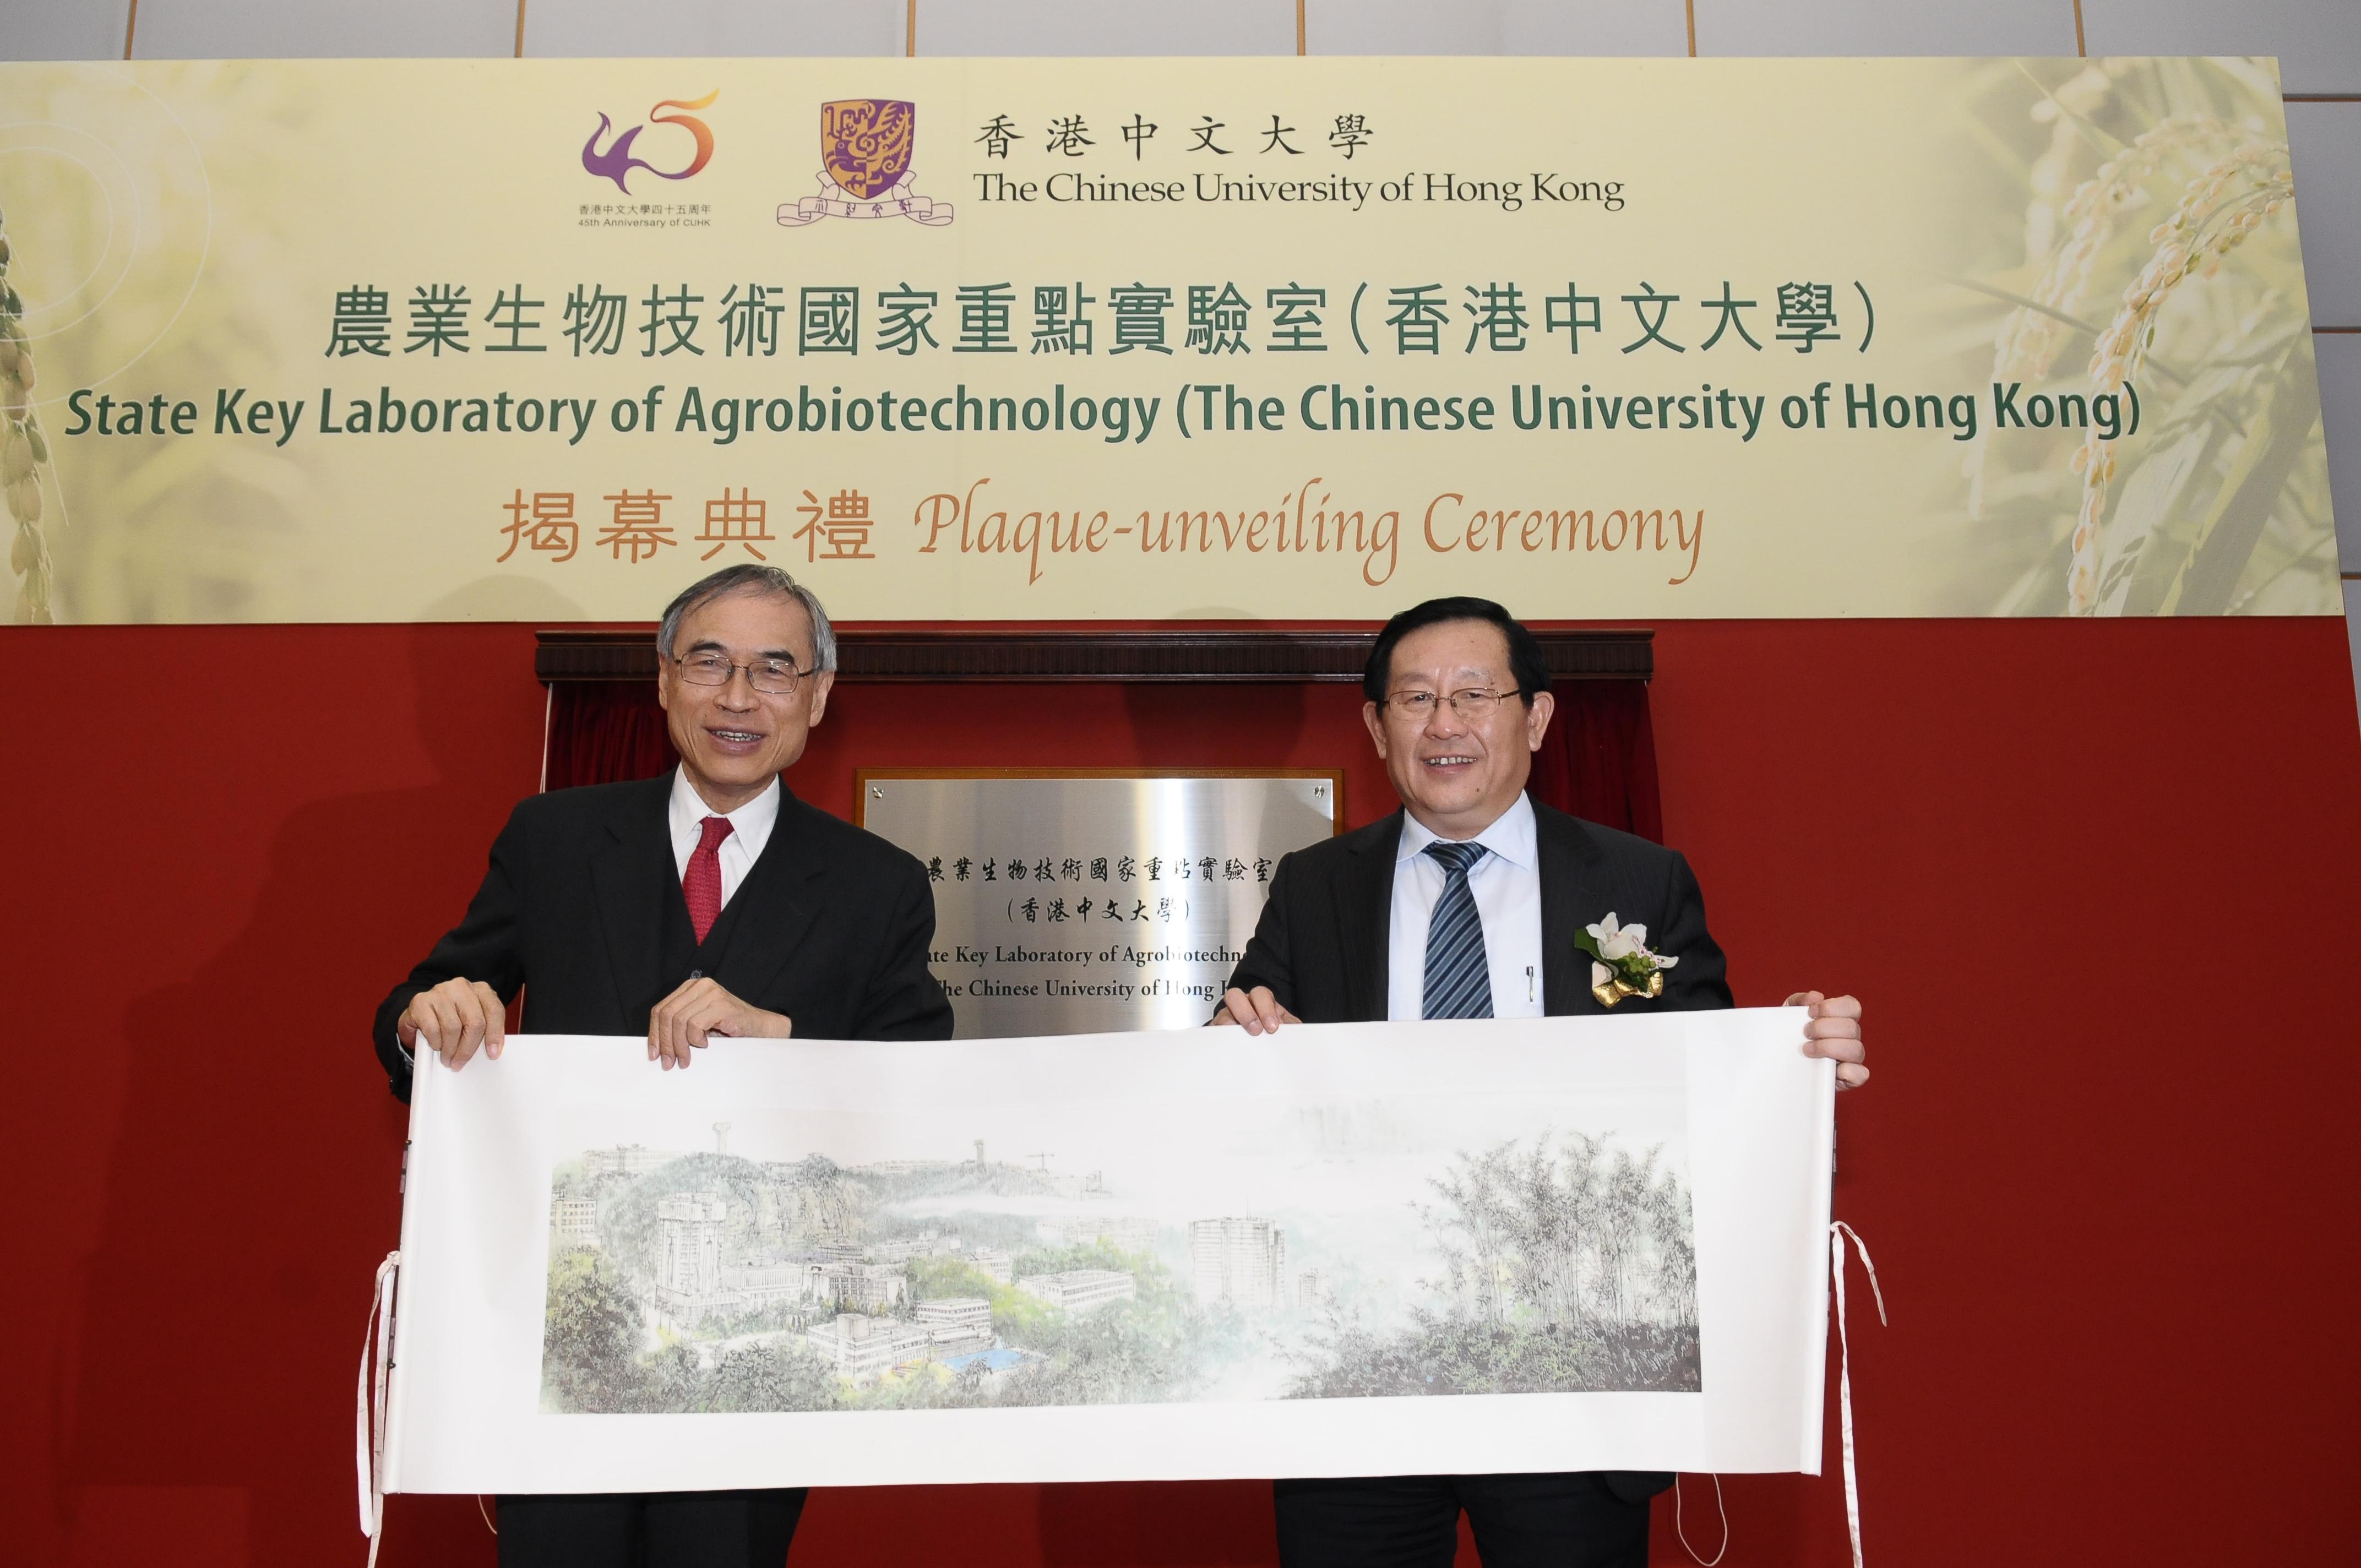 Professor Lawrence J. Lau presents a souvenir to Professor Wan Gang (right)